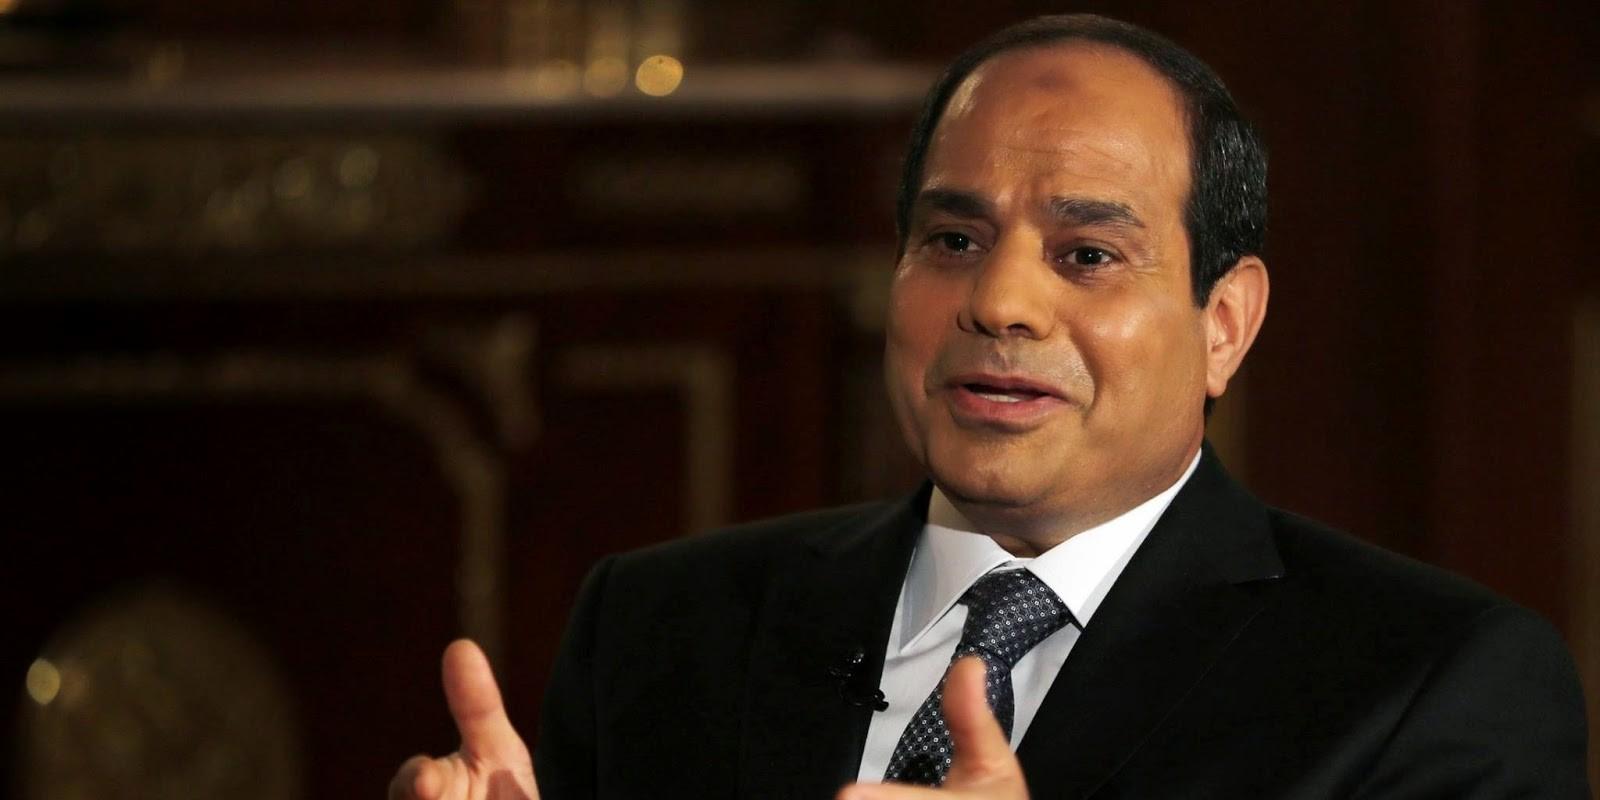 http://shbabbek.com/upload/بالأسماء.. 20 مواطنا يتنازلون عن الجنسية المصرية